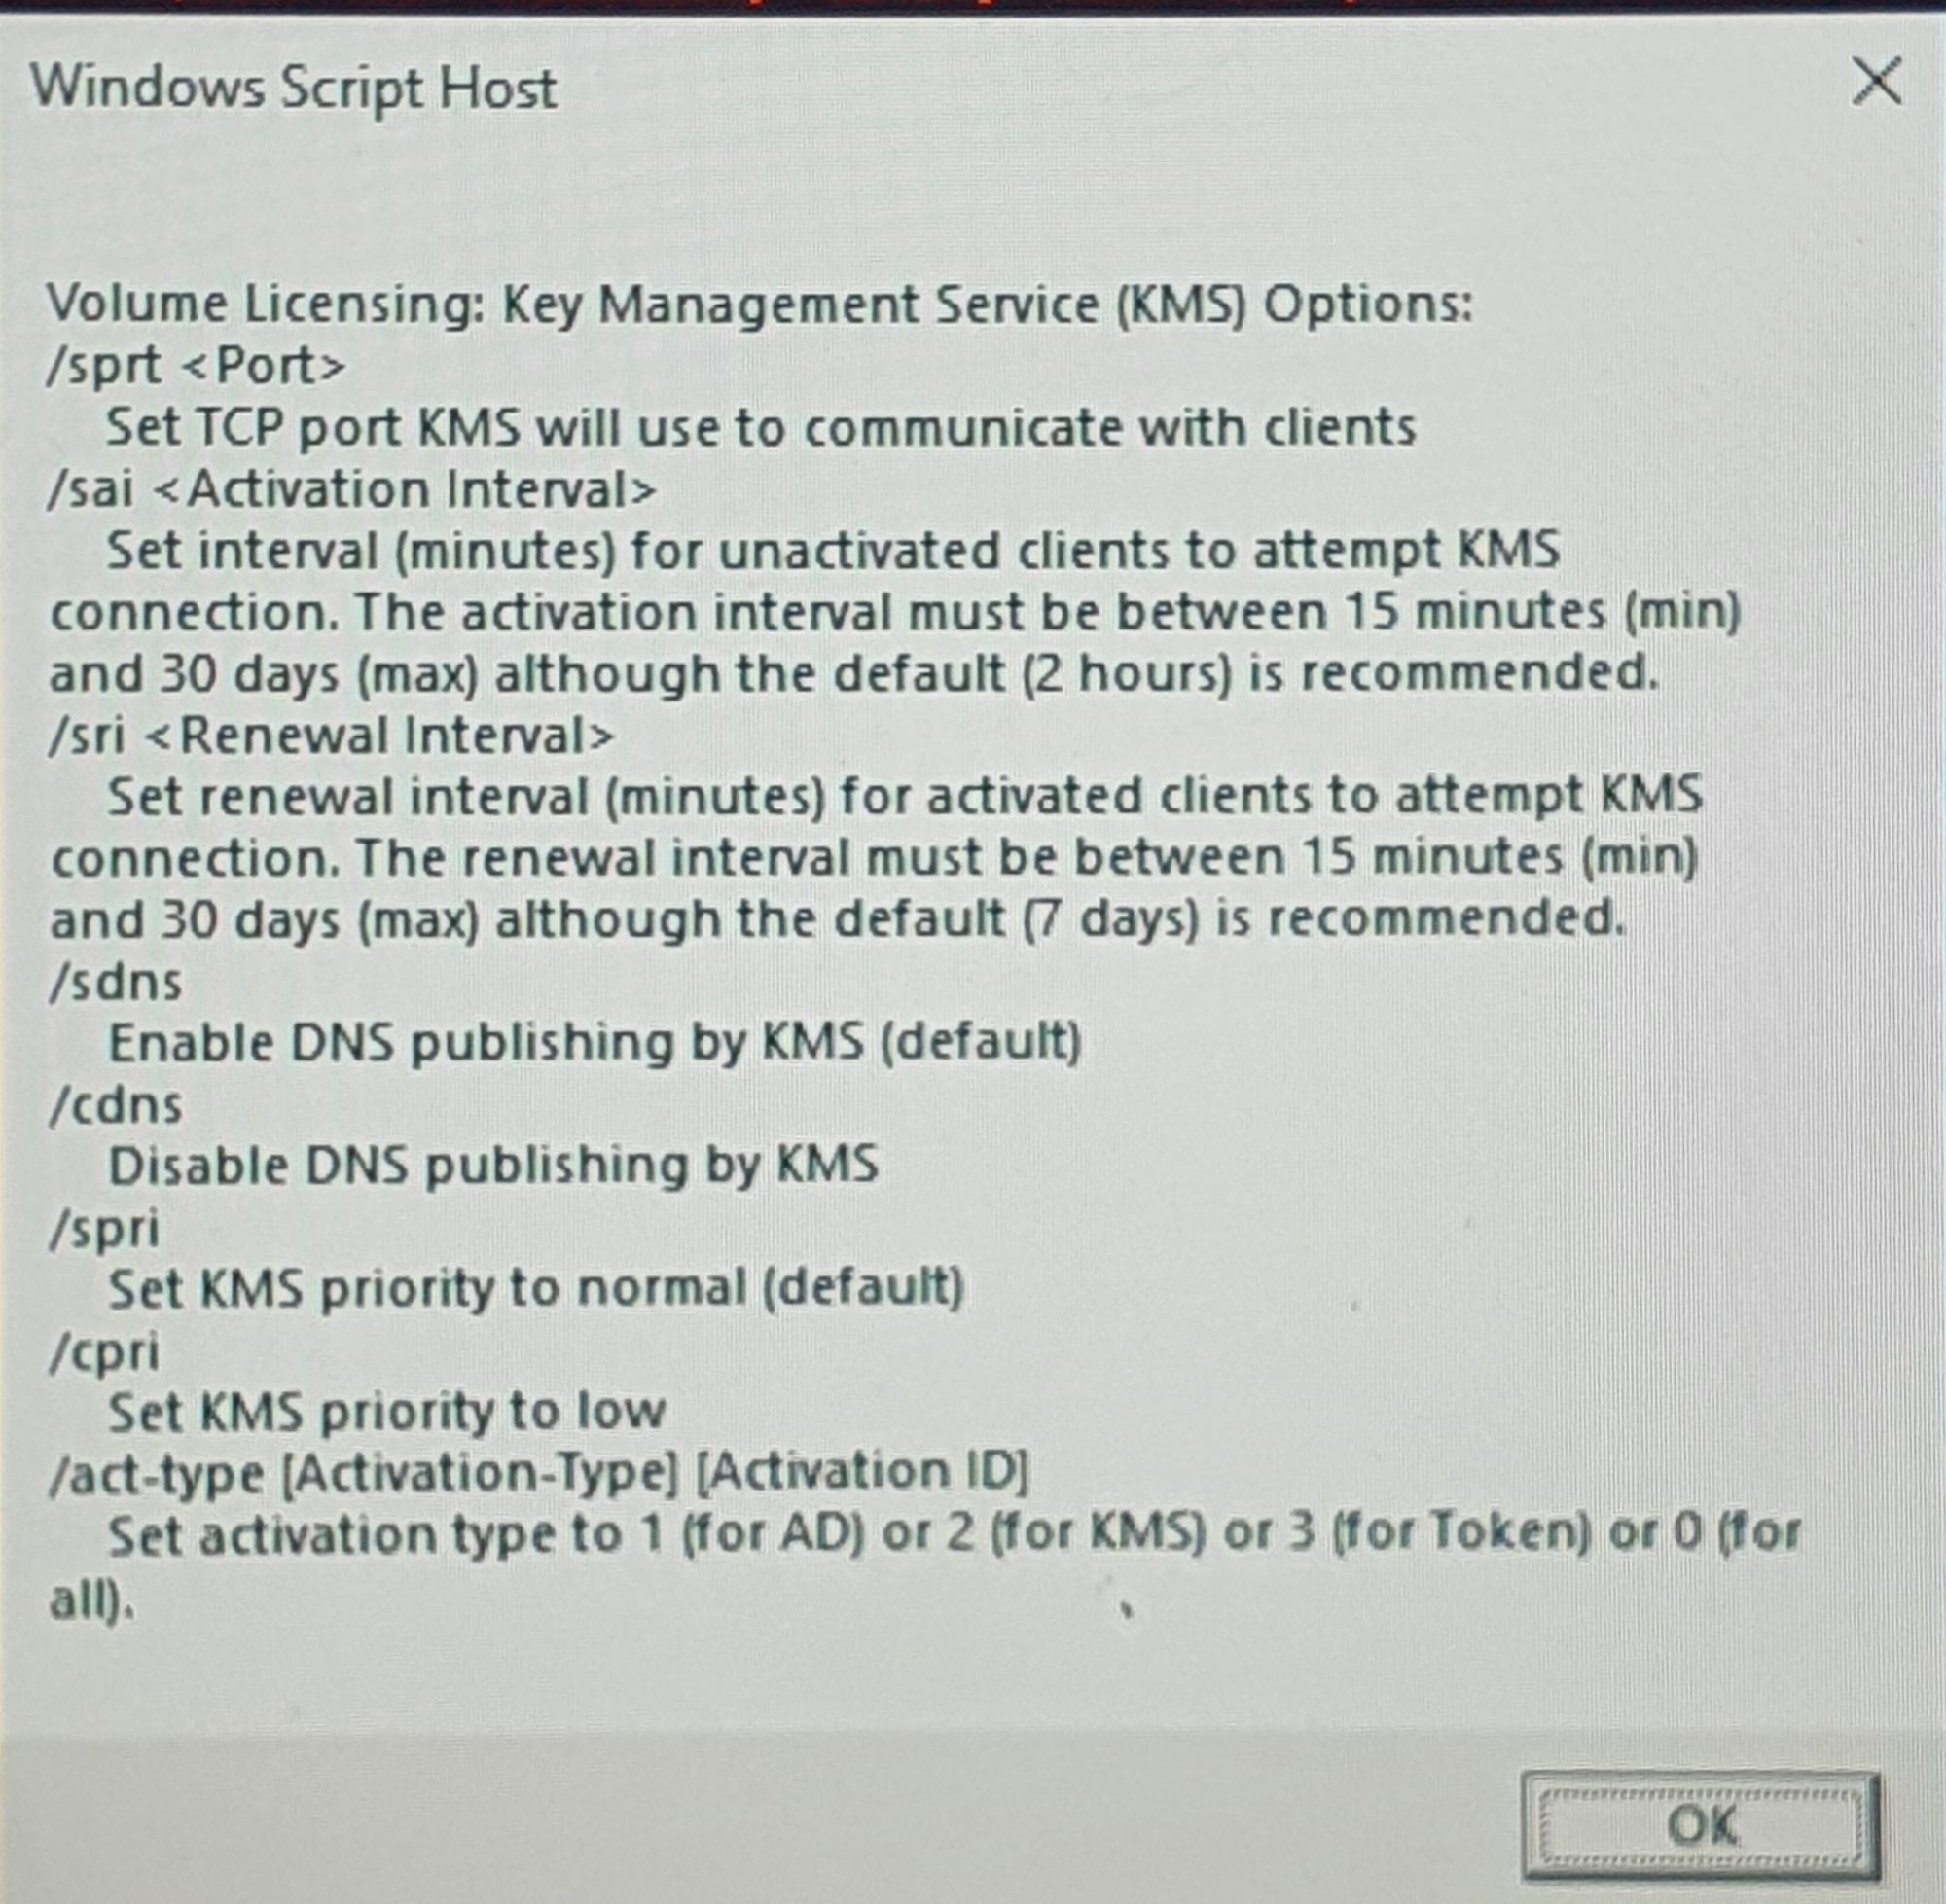 Venue 10 pro with a 0x803fa067 activation error  help!! 4bea19e1-2765-4f51-b7cb-4dc9300e77c3?upload=true.jpg